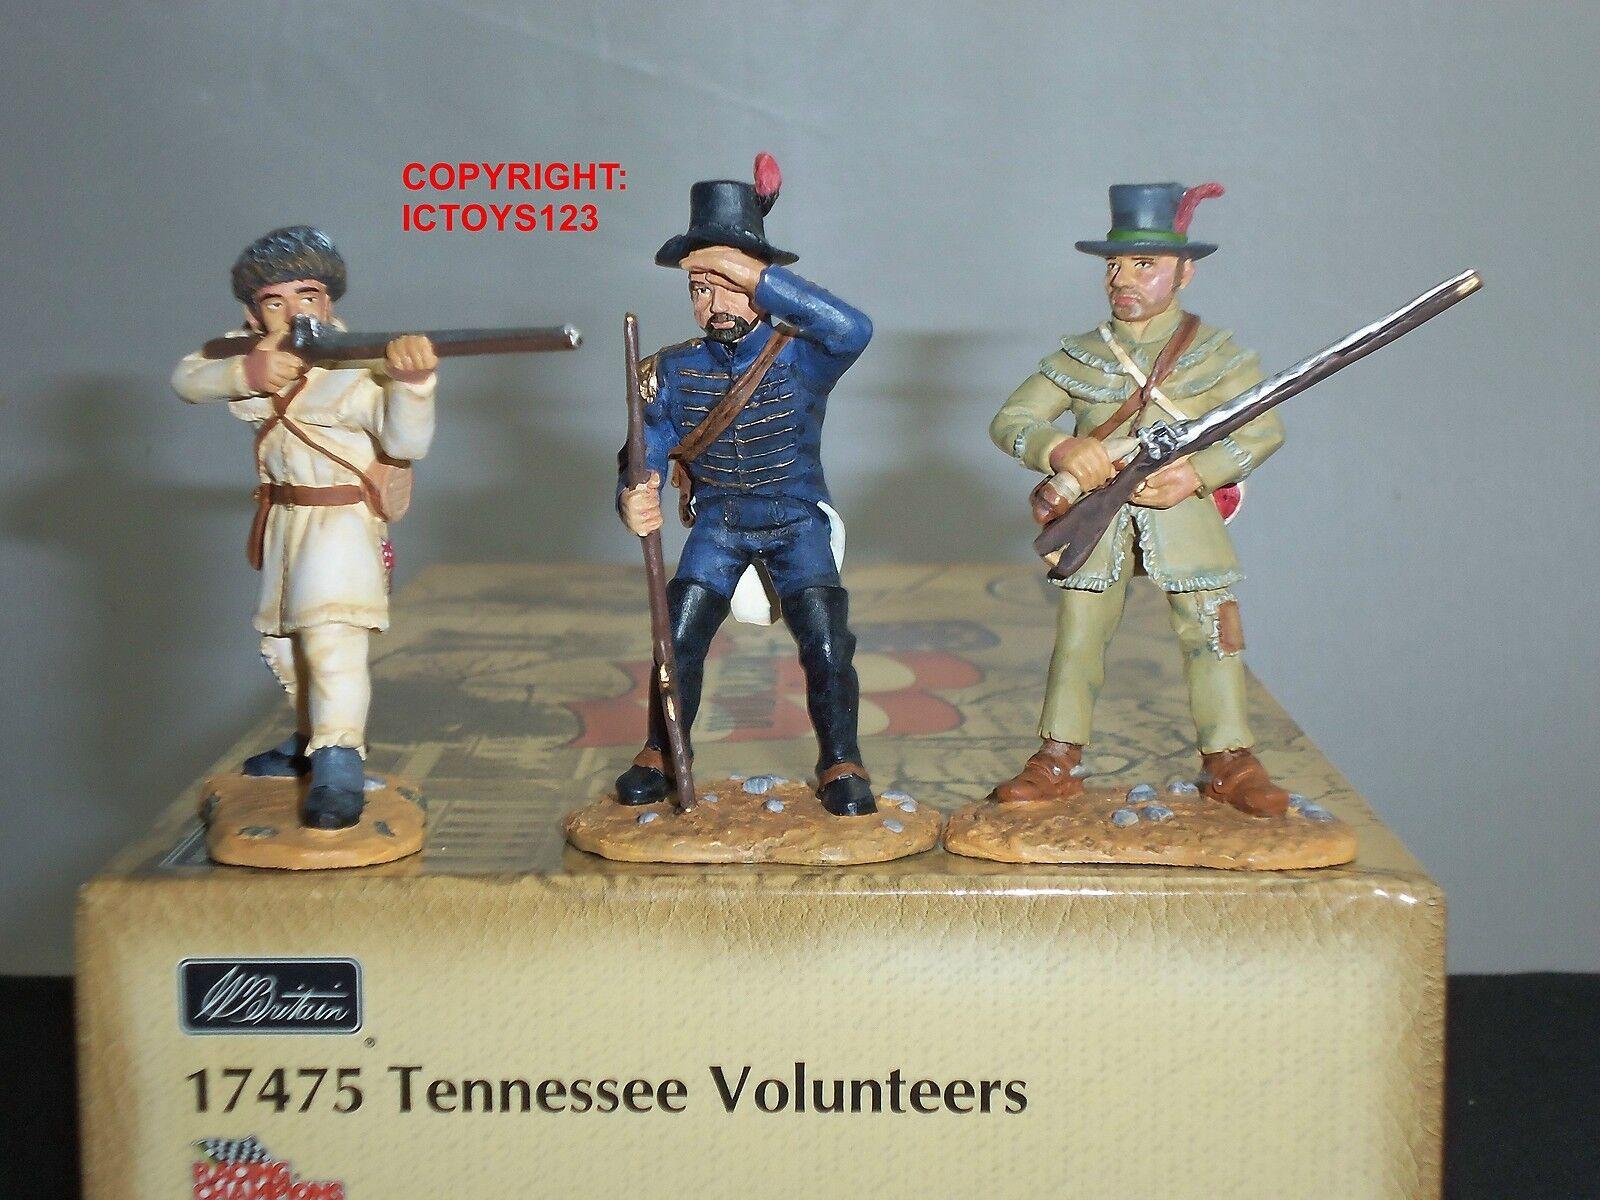 BRITAINS 17475 TENNESSEE VOLUNTEERS VOLUNTEERS VOLUNTEERS BATTLE OF NEW ORLEANS TOY SOLDIER FIGURE SET 52fb82